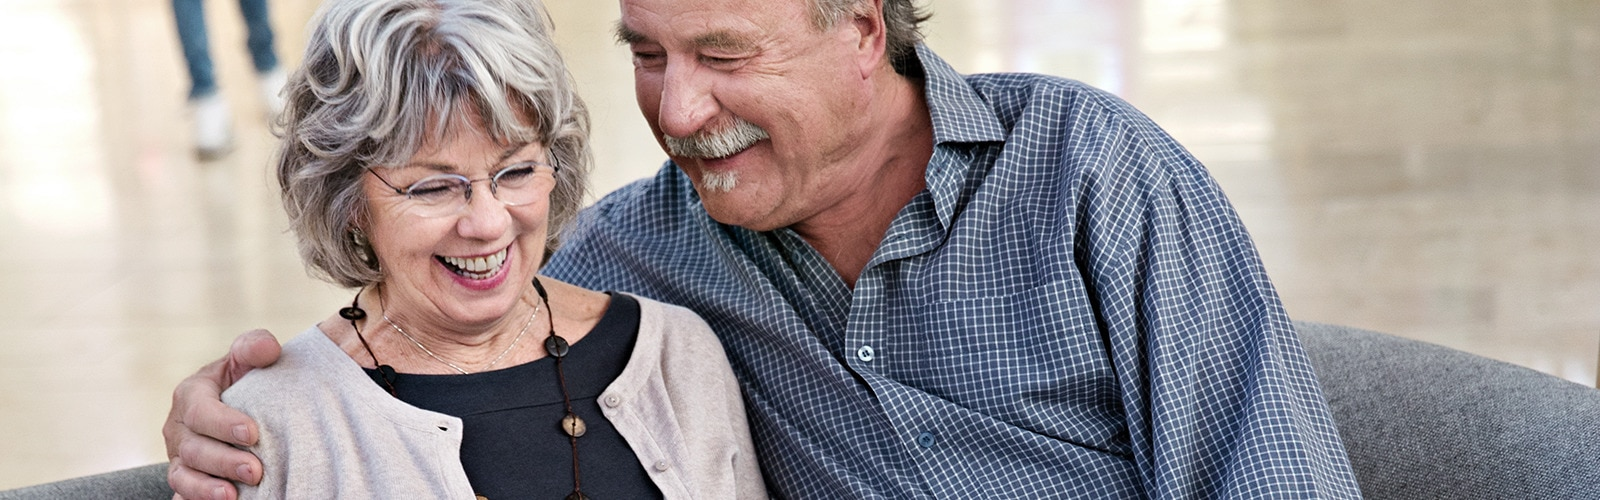 Couple de personnes âgées assis sur un canapé